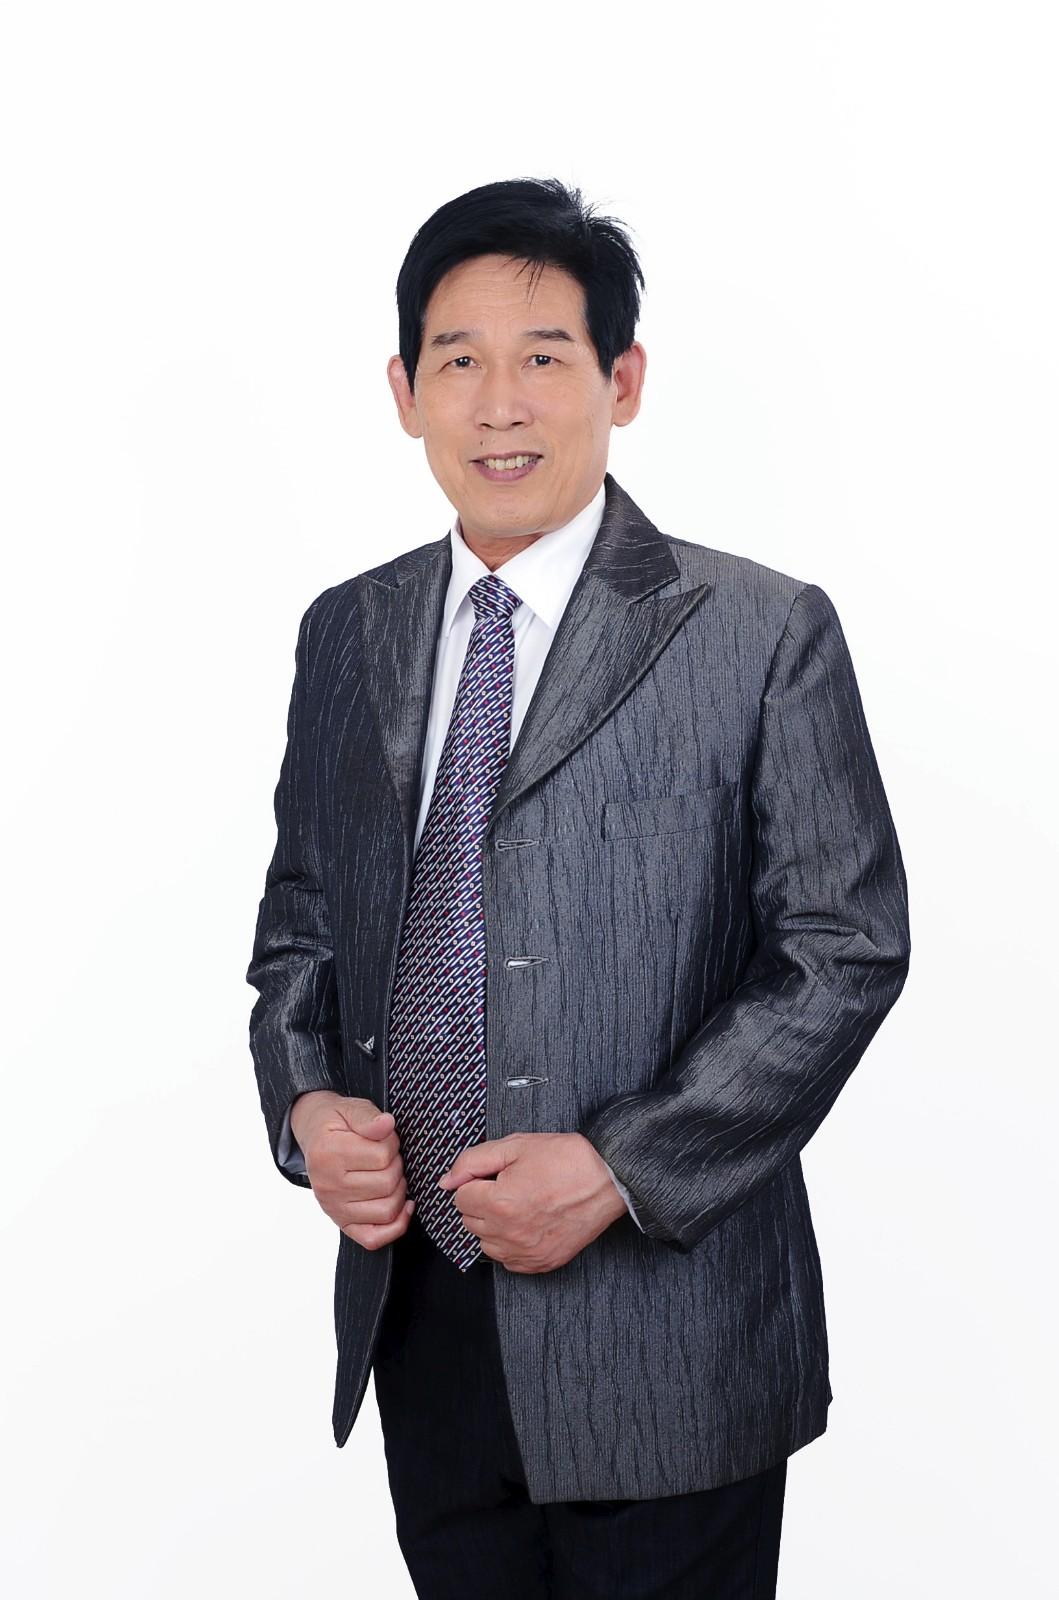 黄冈名师,中学化学高级教师-方老师